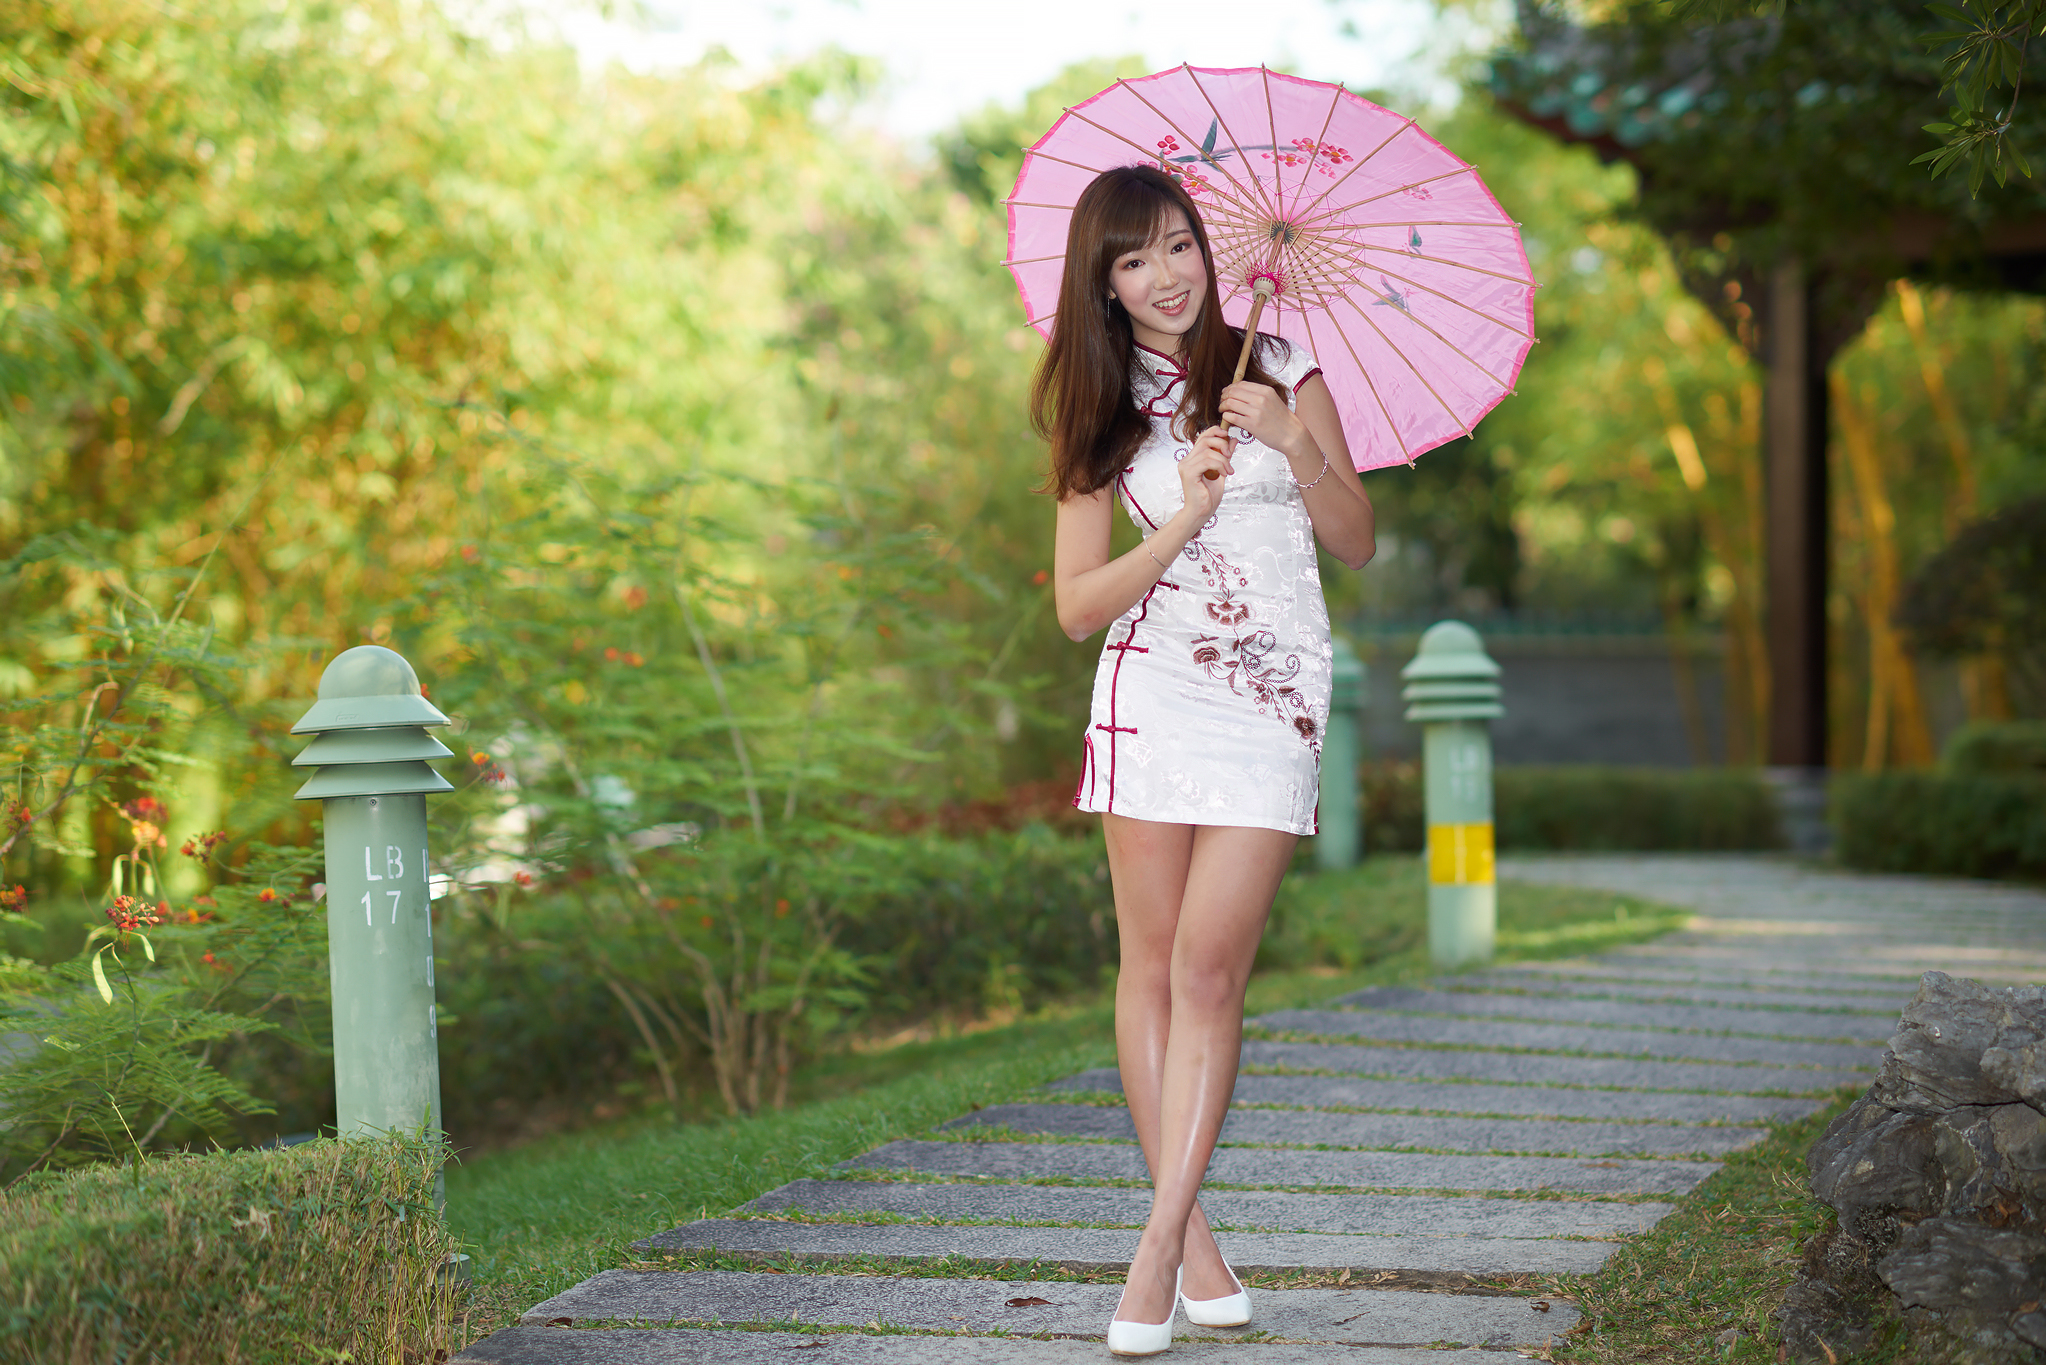 China style...